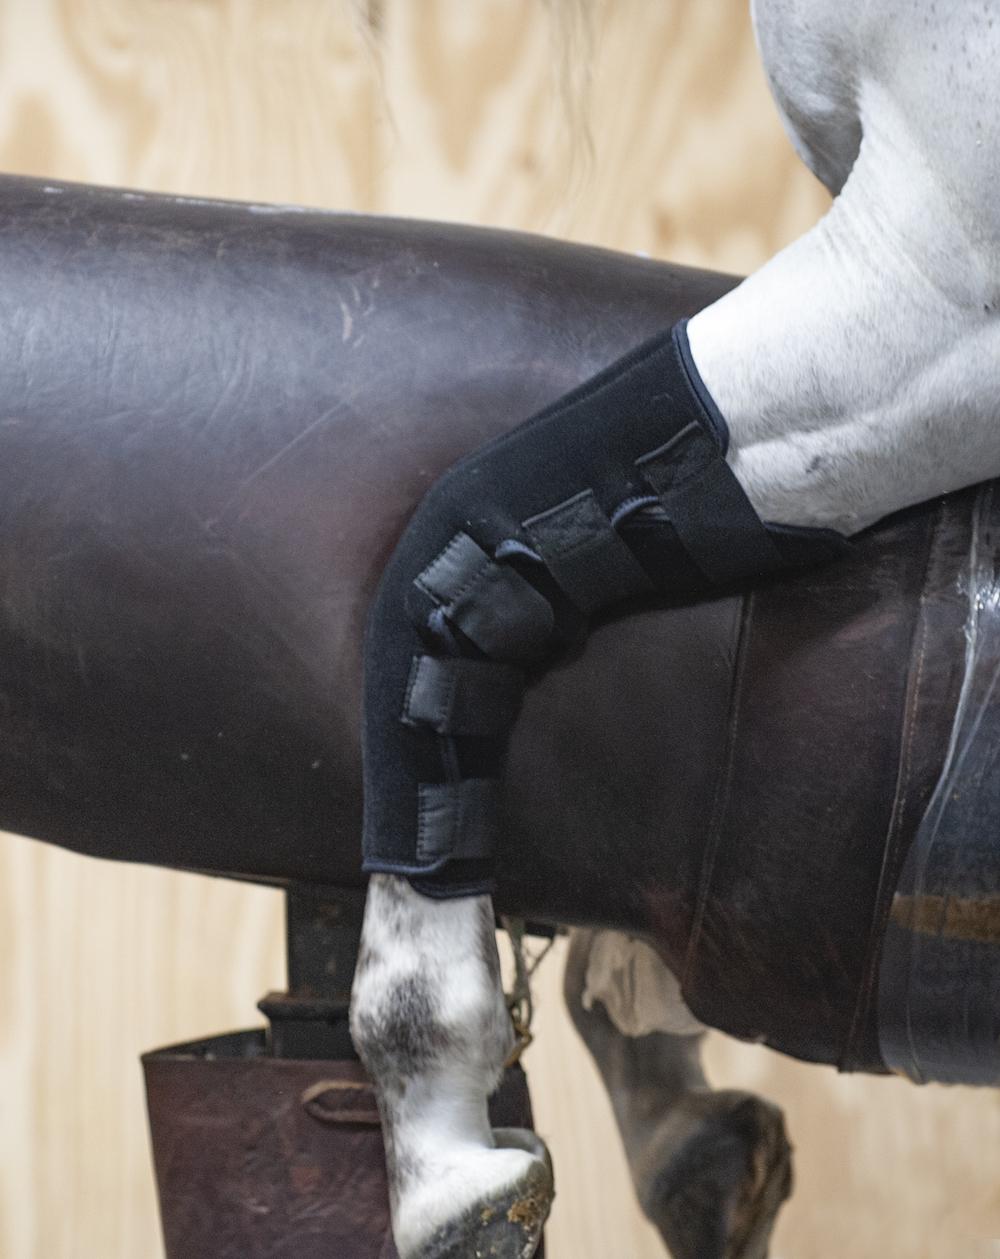 Stallion mounted on block using stud breeding boots